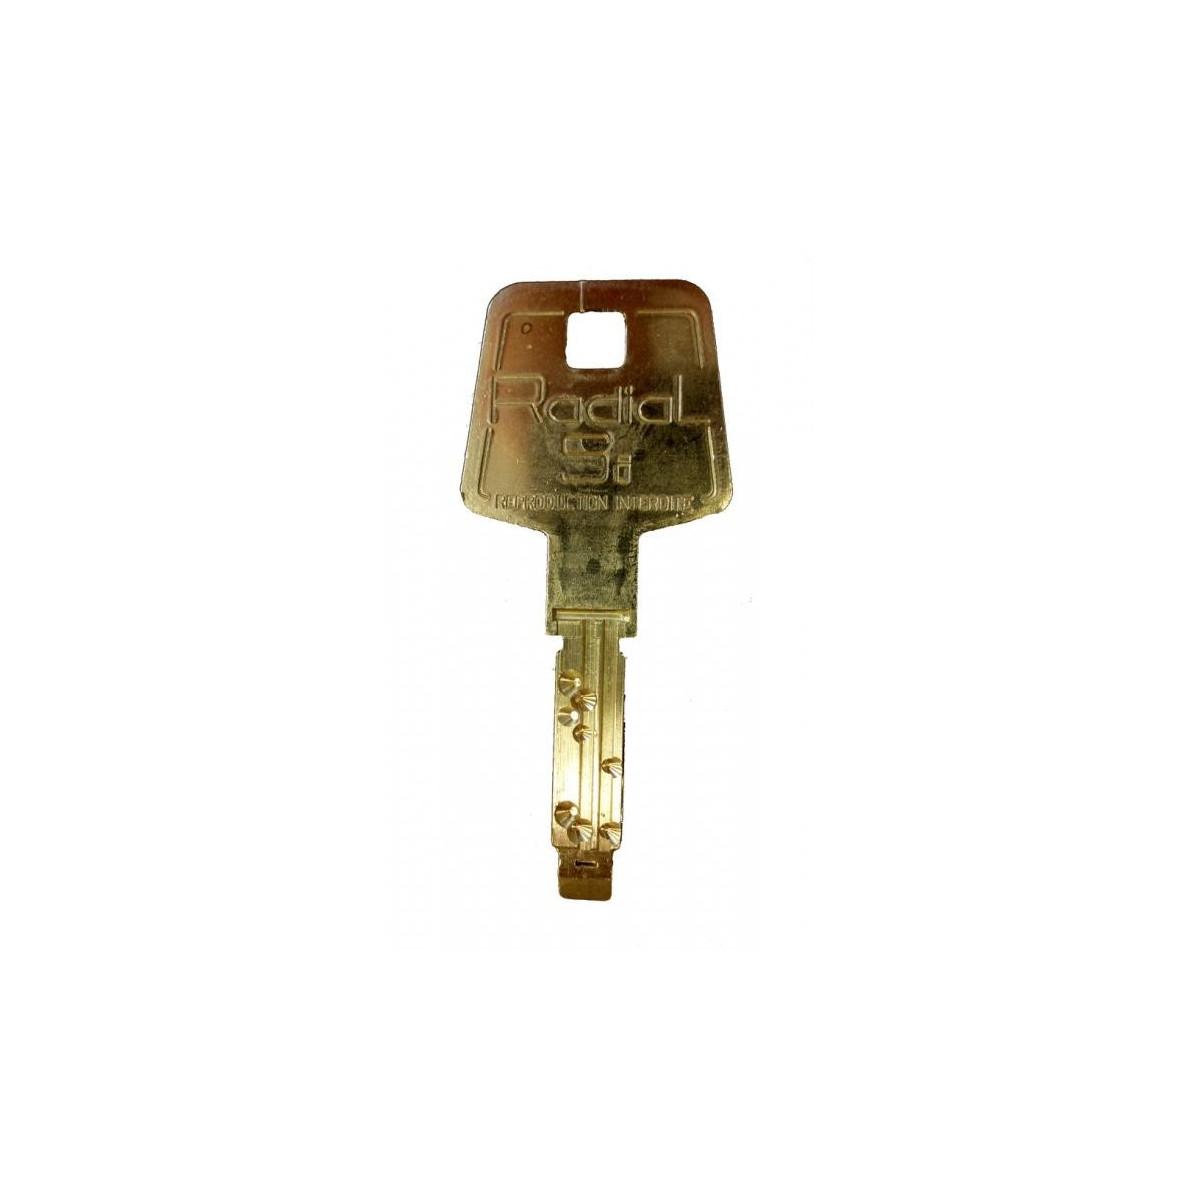 4f5ea449a76 Double de clé Vachette et copie originale de clés de marque vachette ...